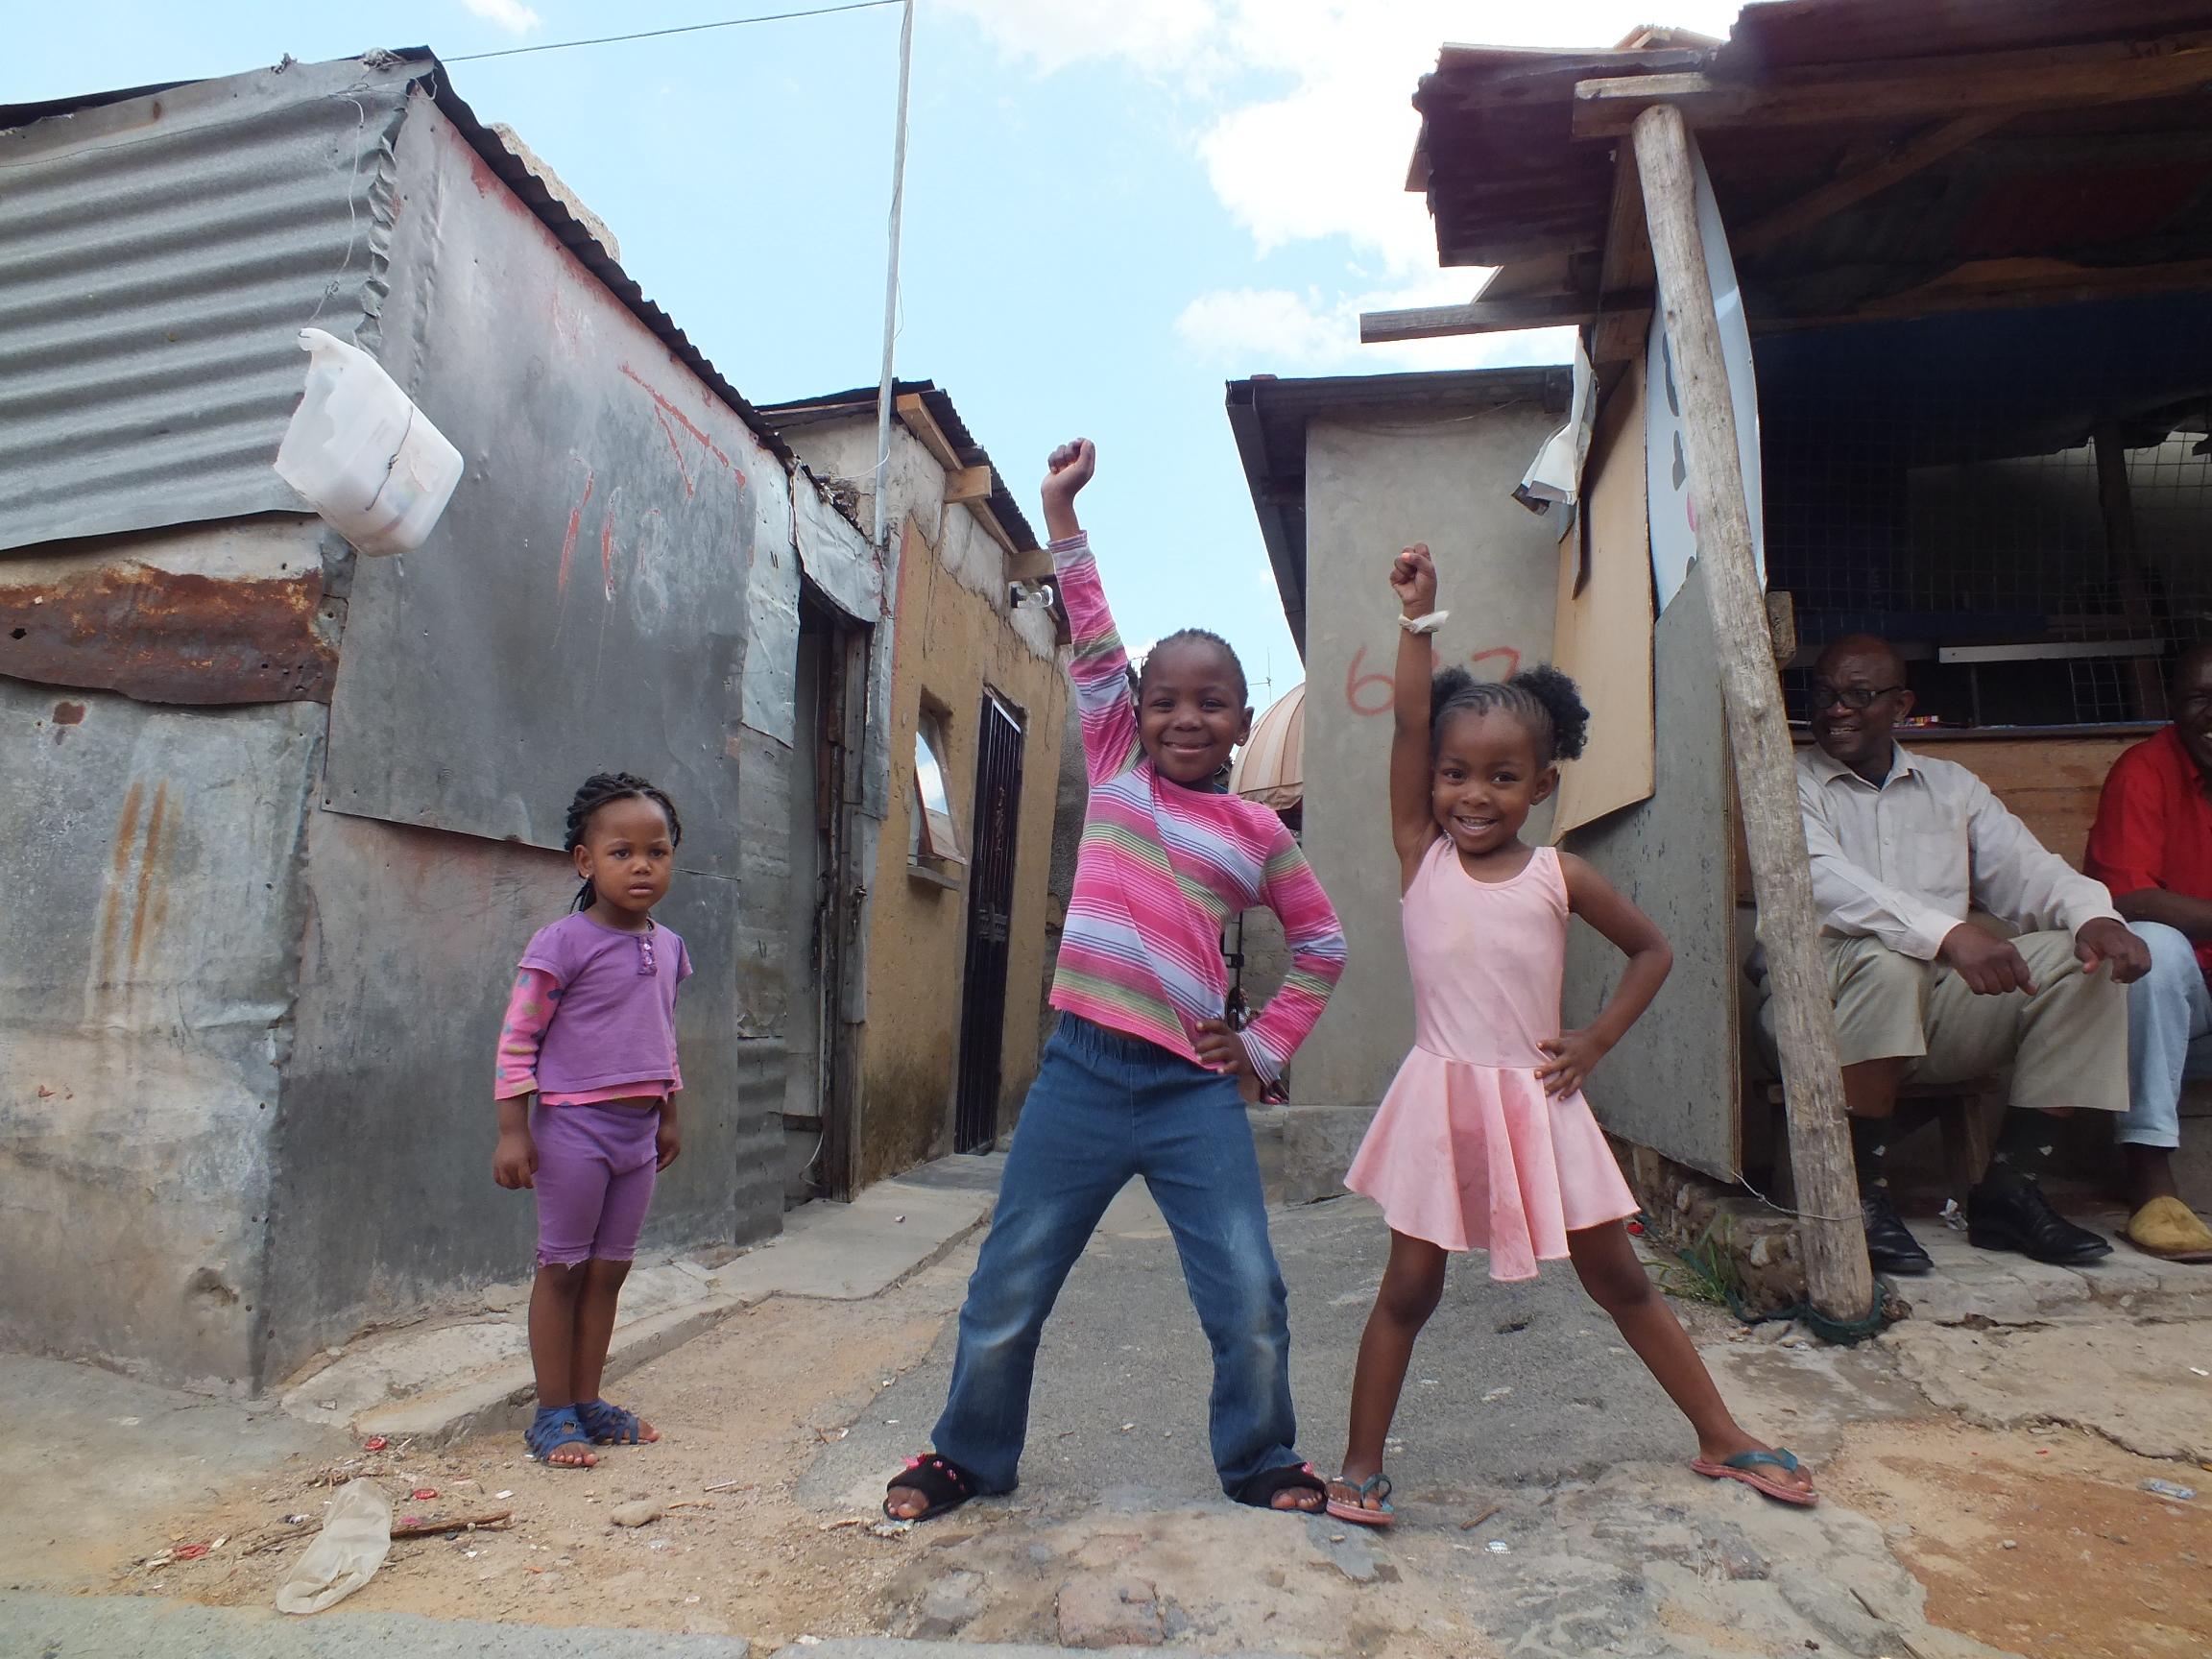 sudafrica-township1